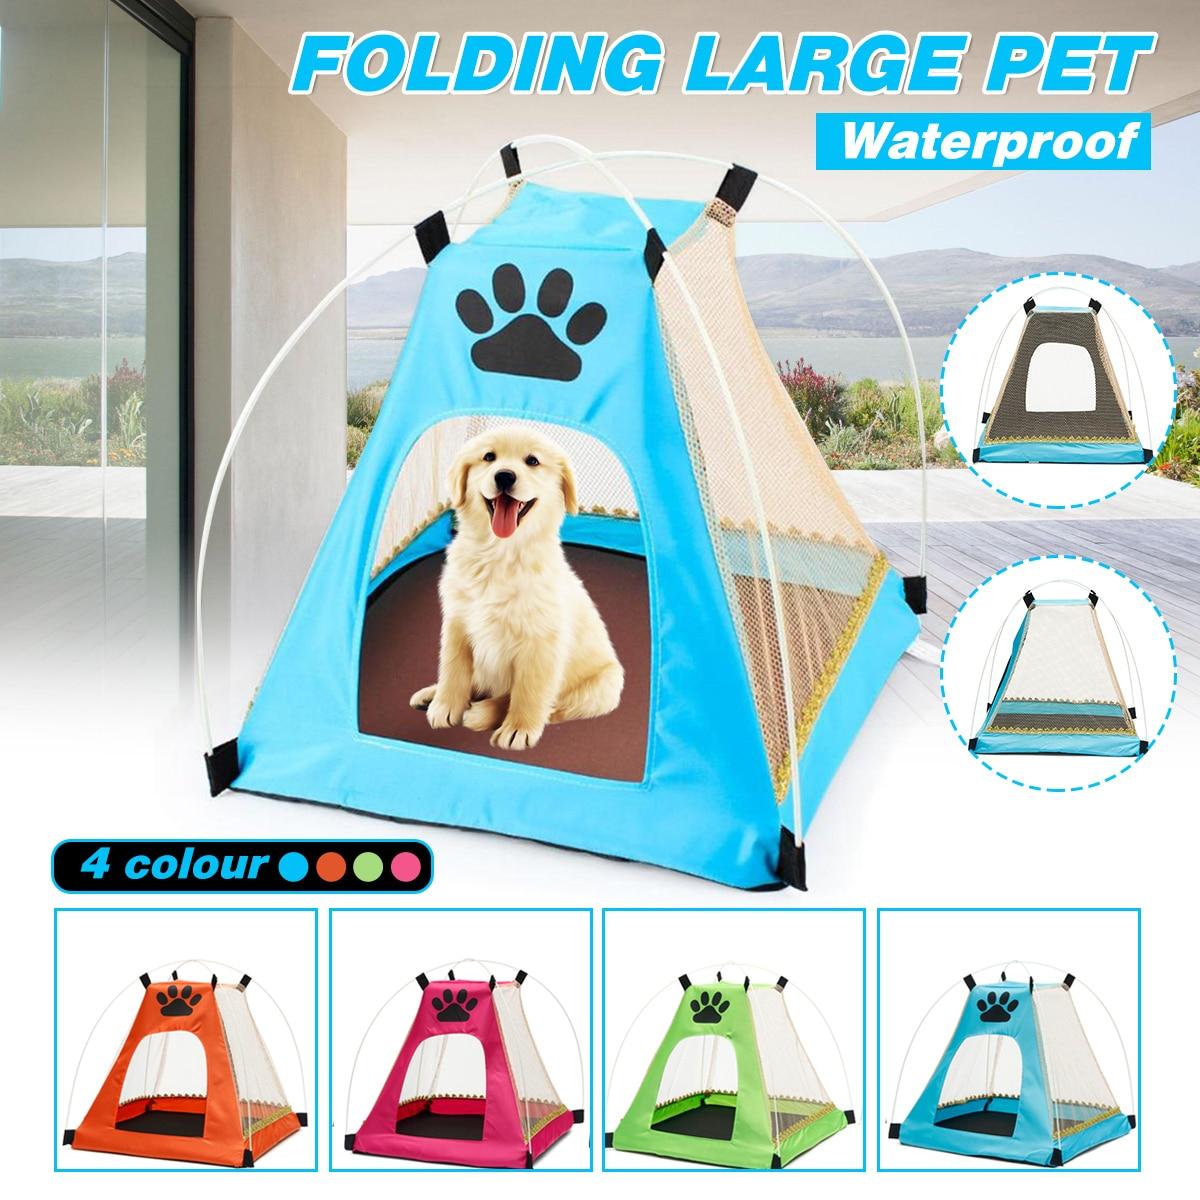 Animales Impermeables al Aire Libre Refugio Wigwam Viajes Camping Jaula Para Mascotas en Entrada Puerta Tama/ño 7.8*9.4 inch Tienda Plegable Port/átil Para Perros Casa de Gato Casa con Cama